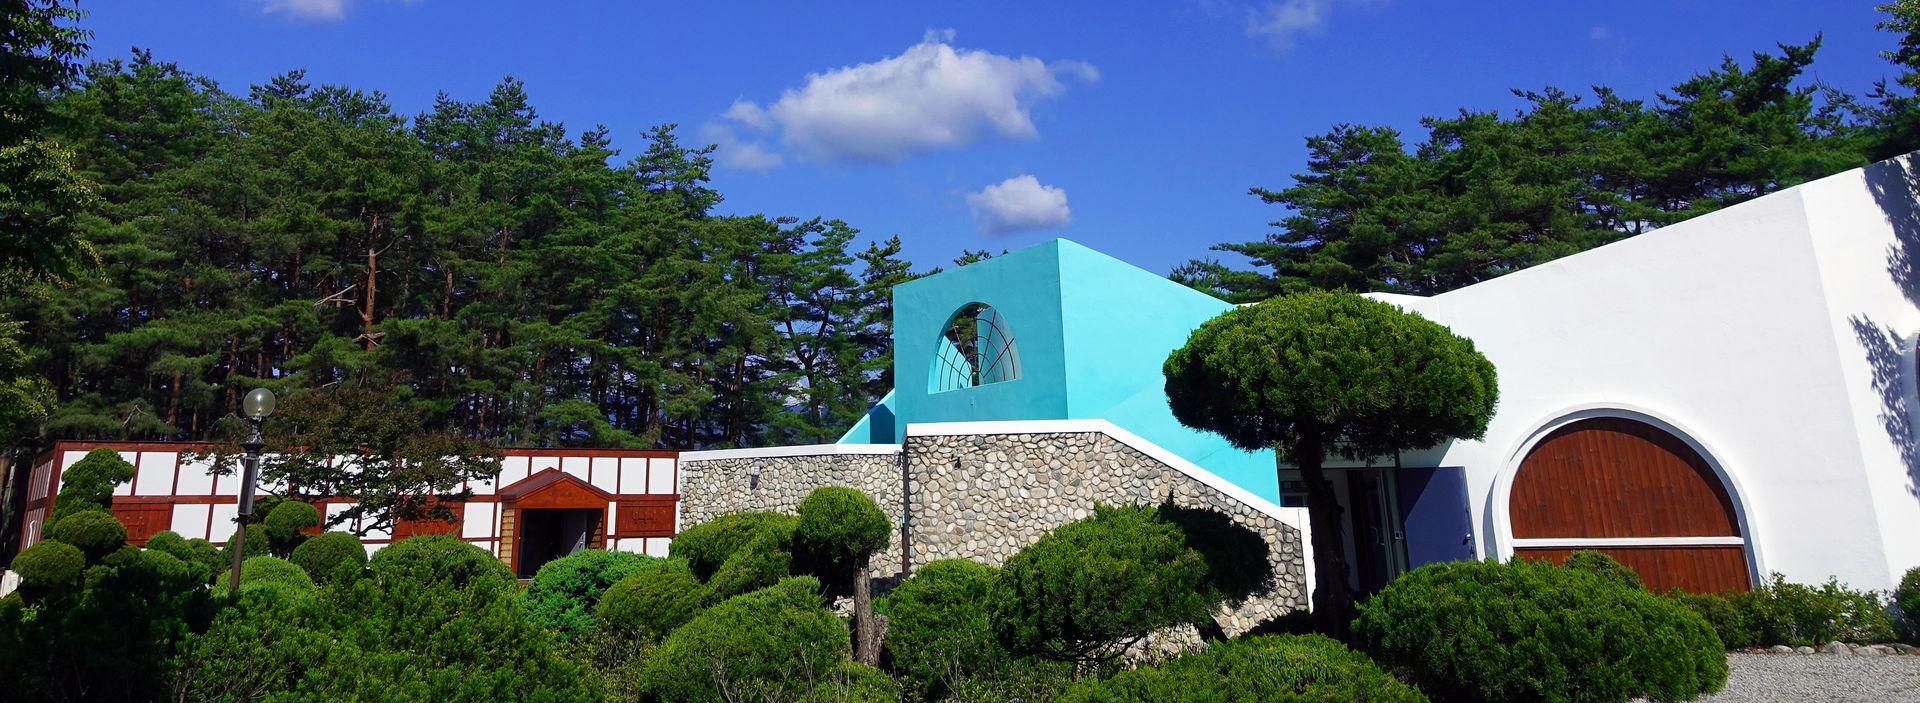 강릉선교장 전통가구박물관 전경